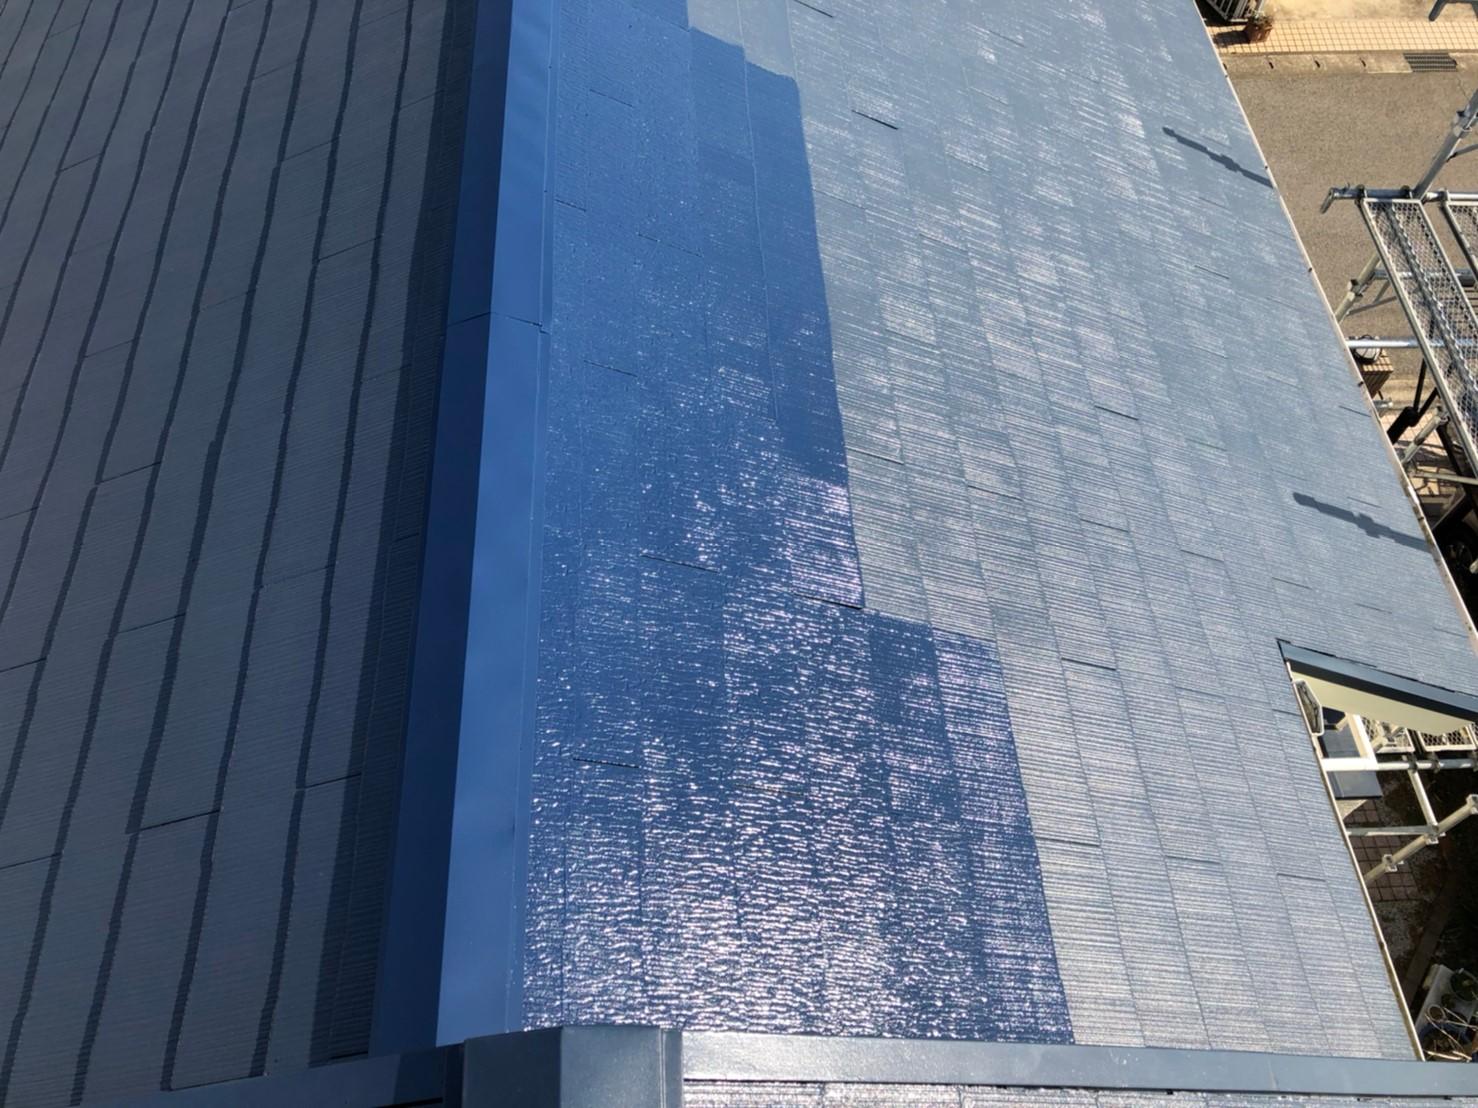 葺き替えて塗装したスレート屋根